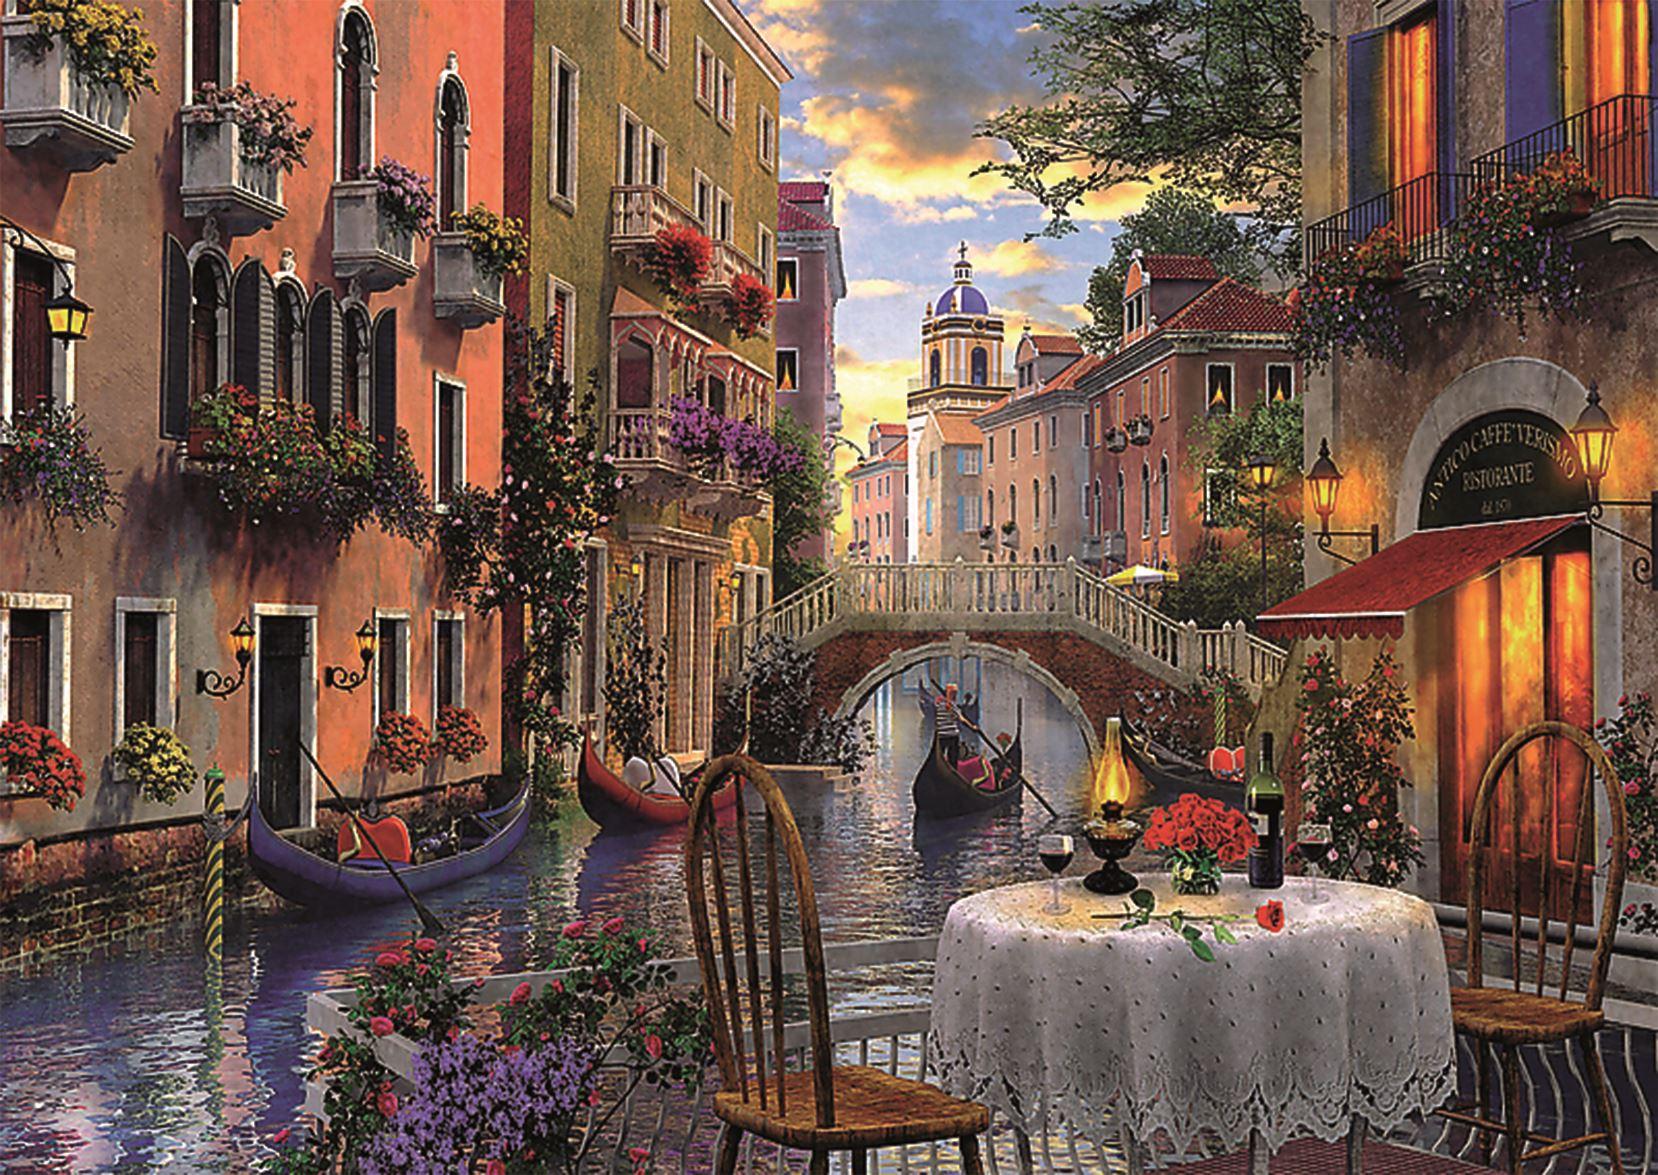 Trefl-300-500-1000-1500-2000-3000-4000-6000-Piece-Jigsaw-Puzzle-Paysages-Ville miniature 175